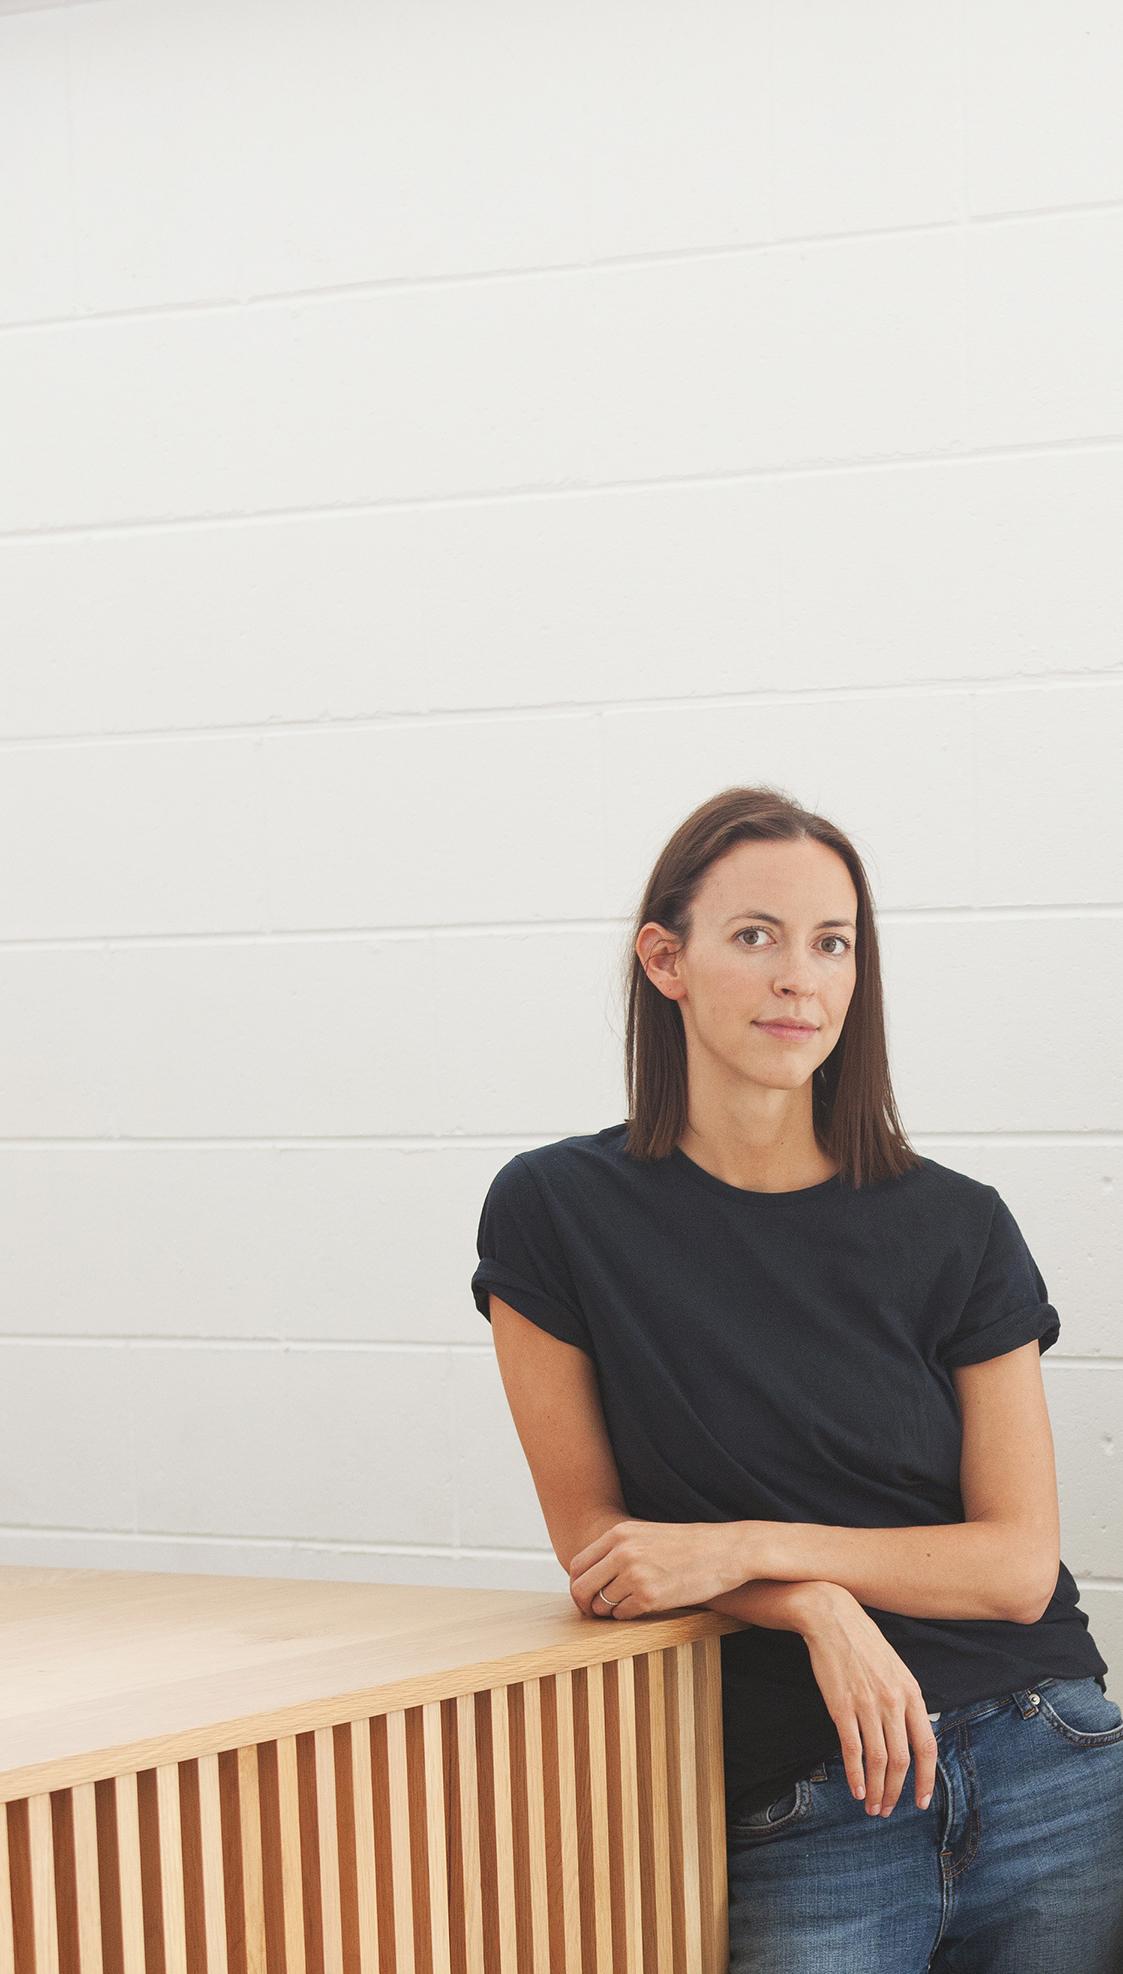 Kati Portrait 01.jpg